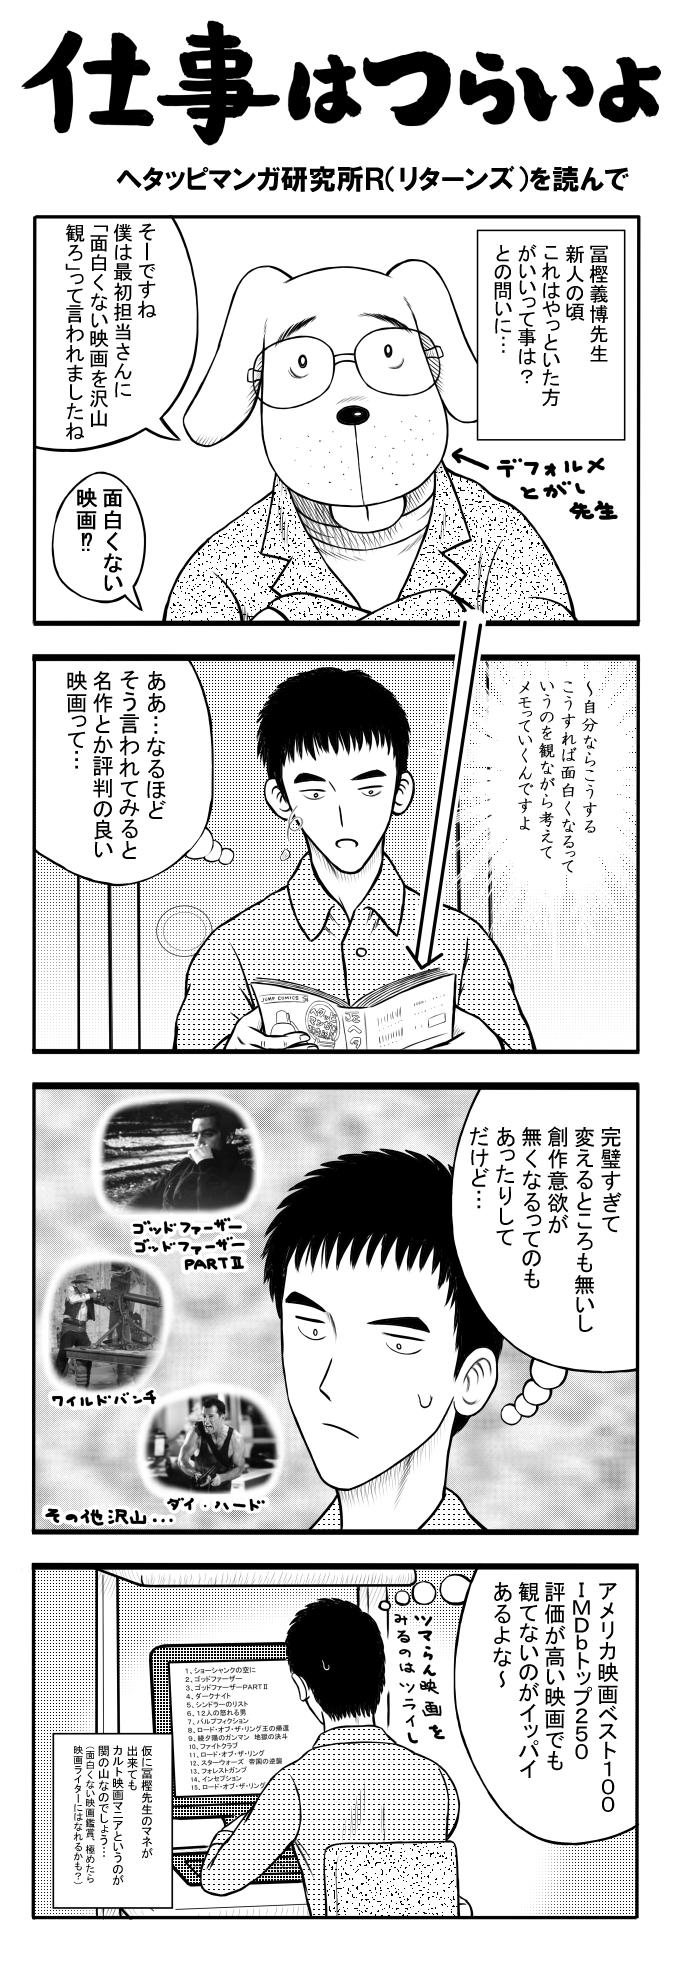 ヘタッピ漫画研究所R